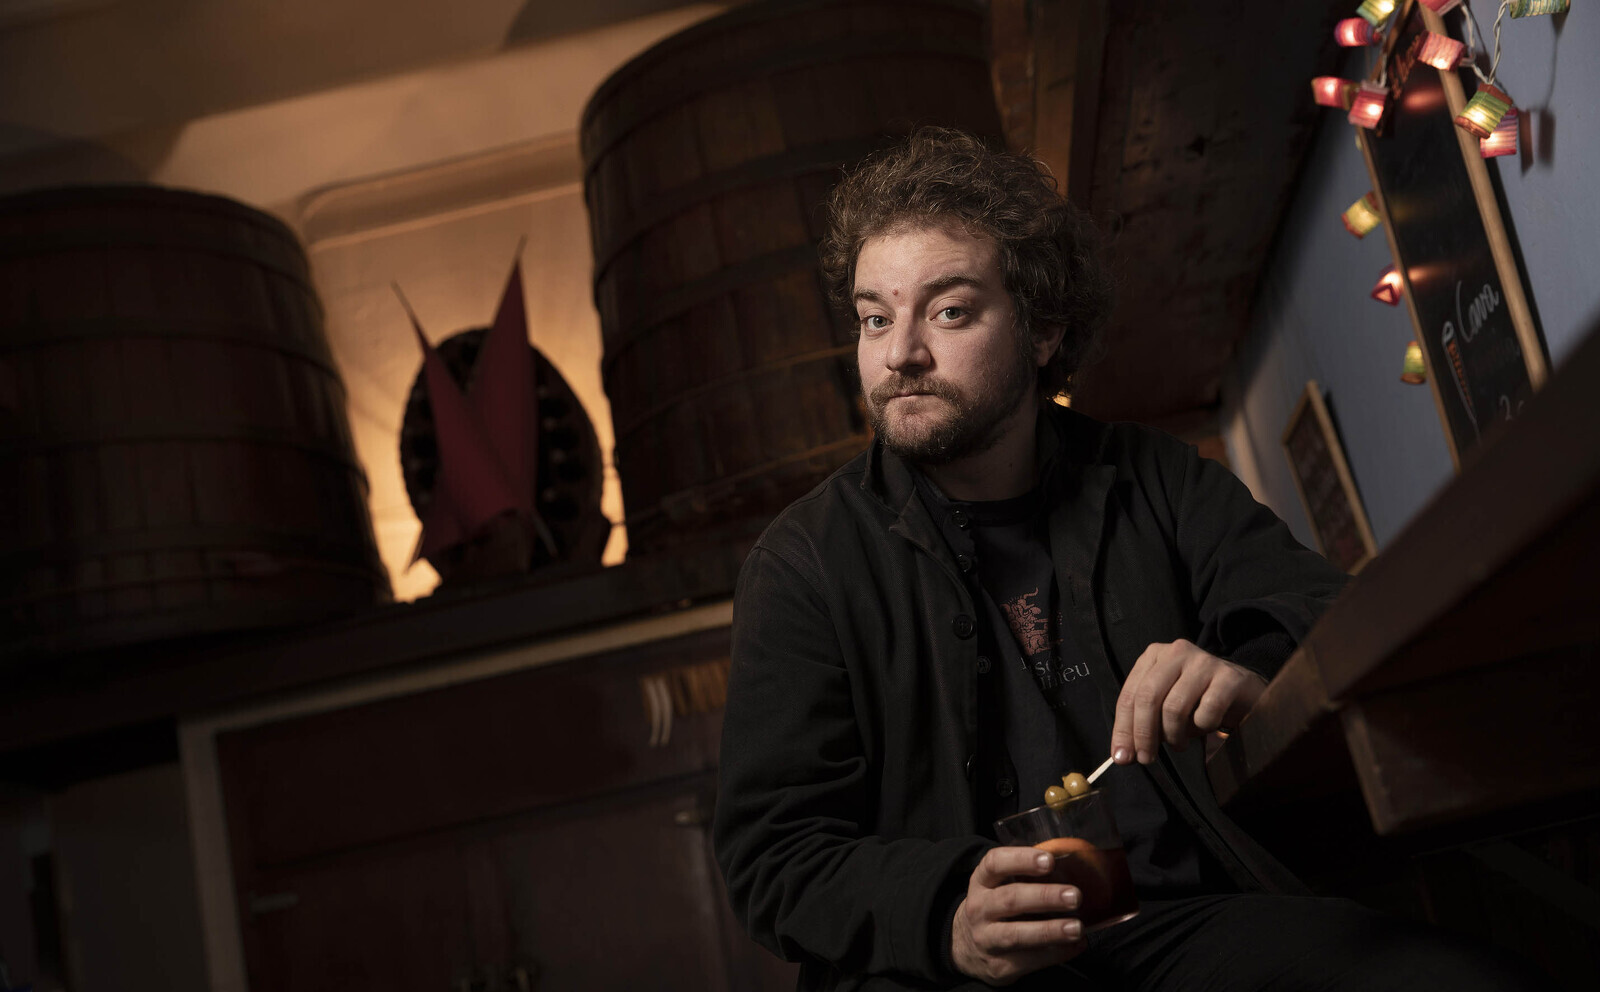 Pol López s'asseu amb el Tot Barcelona a fer un vermut Miró